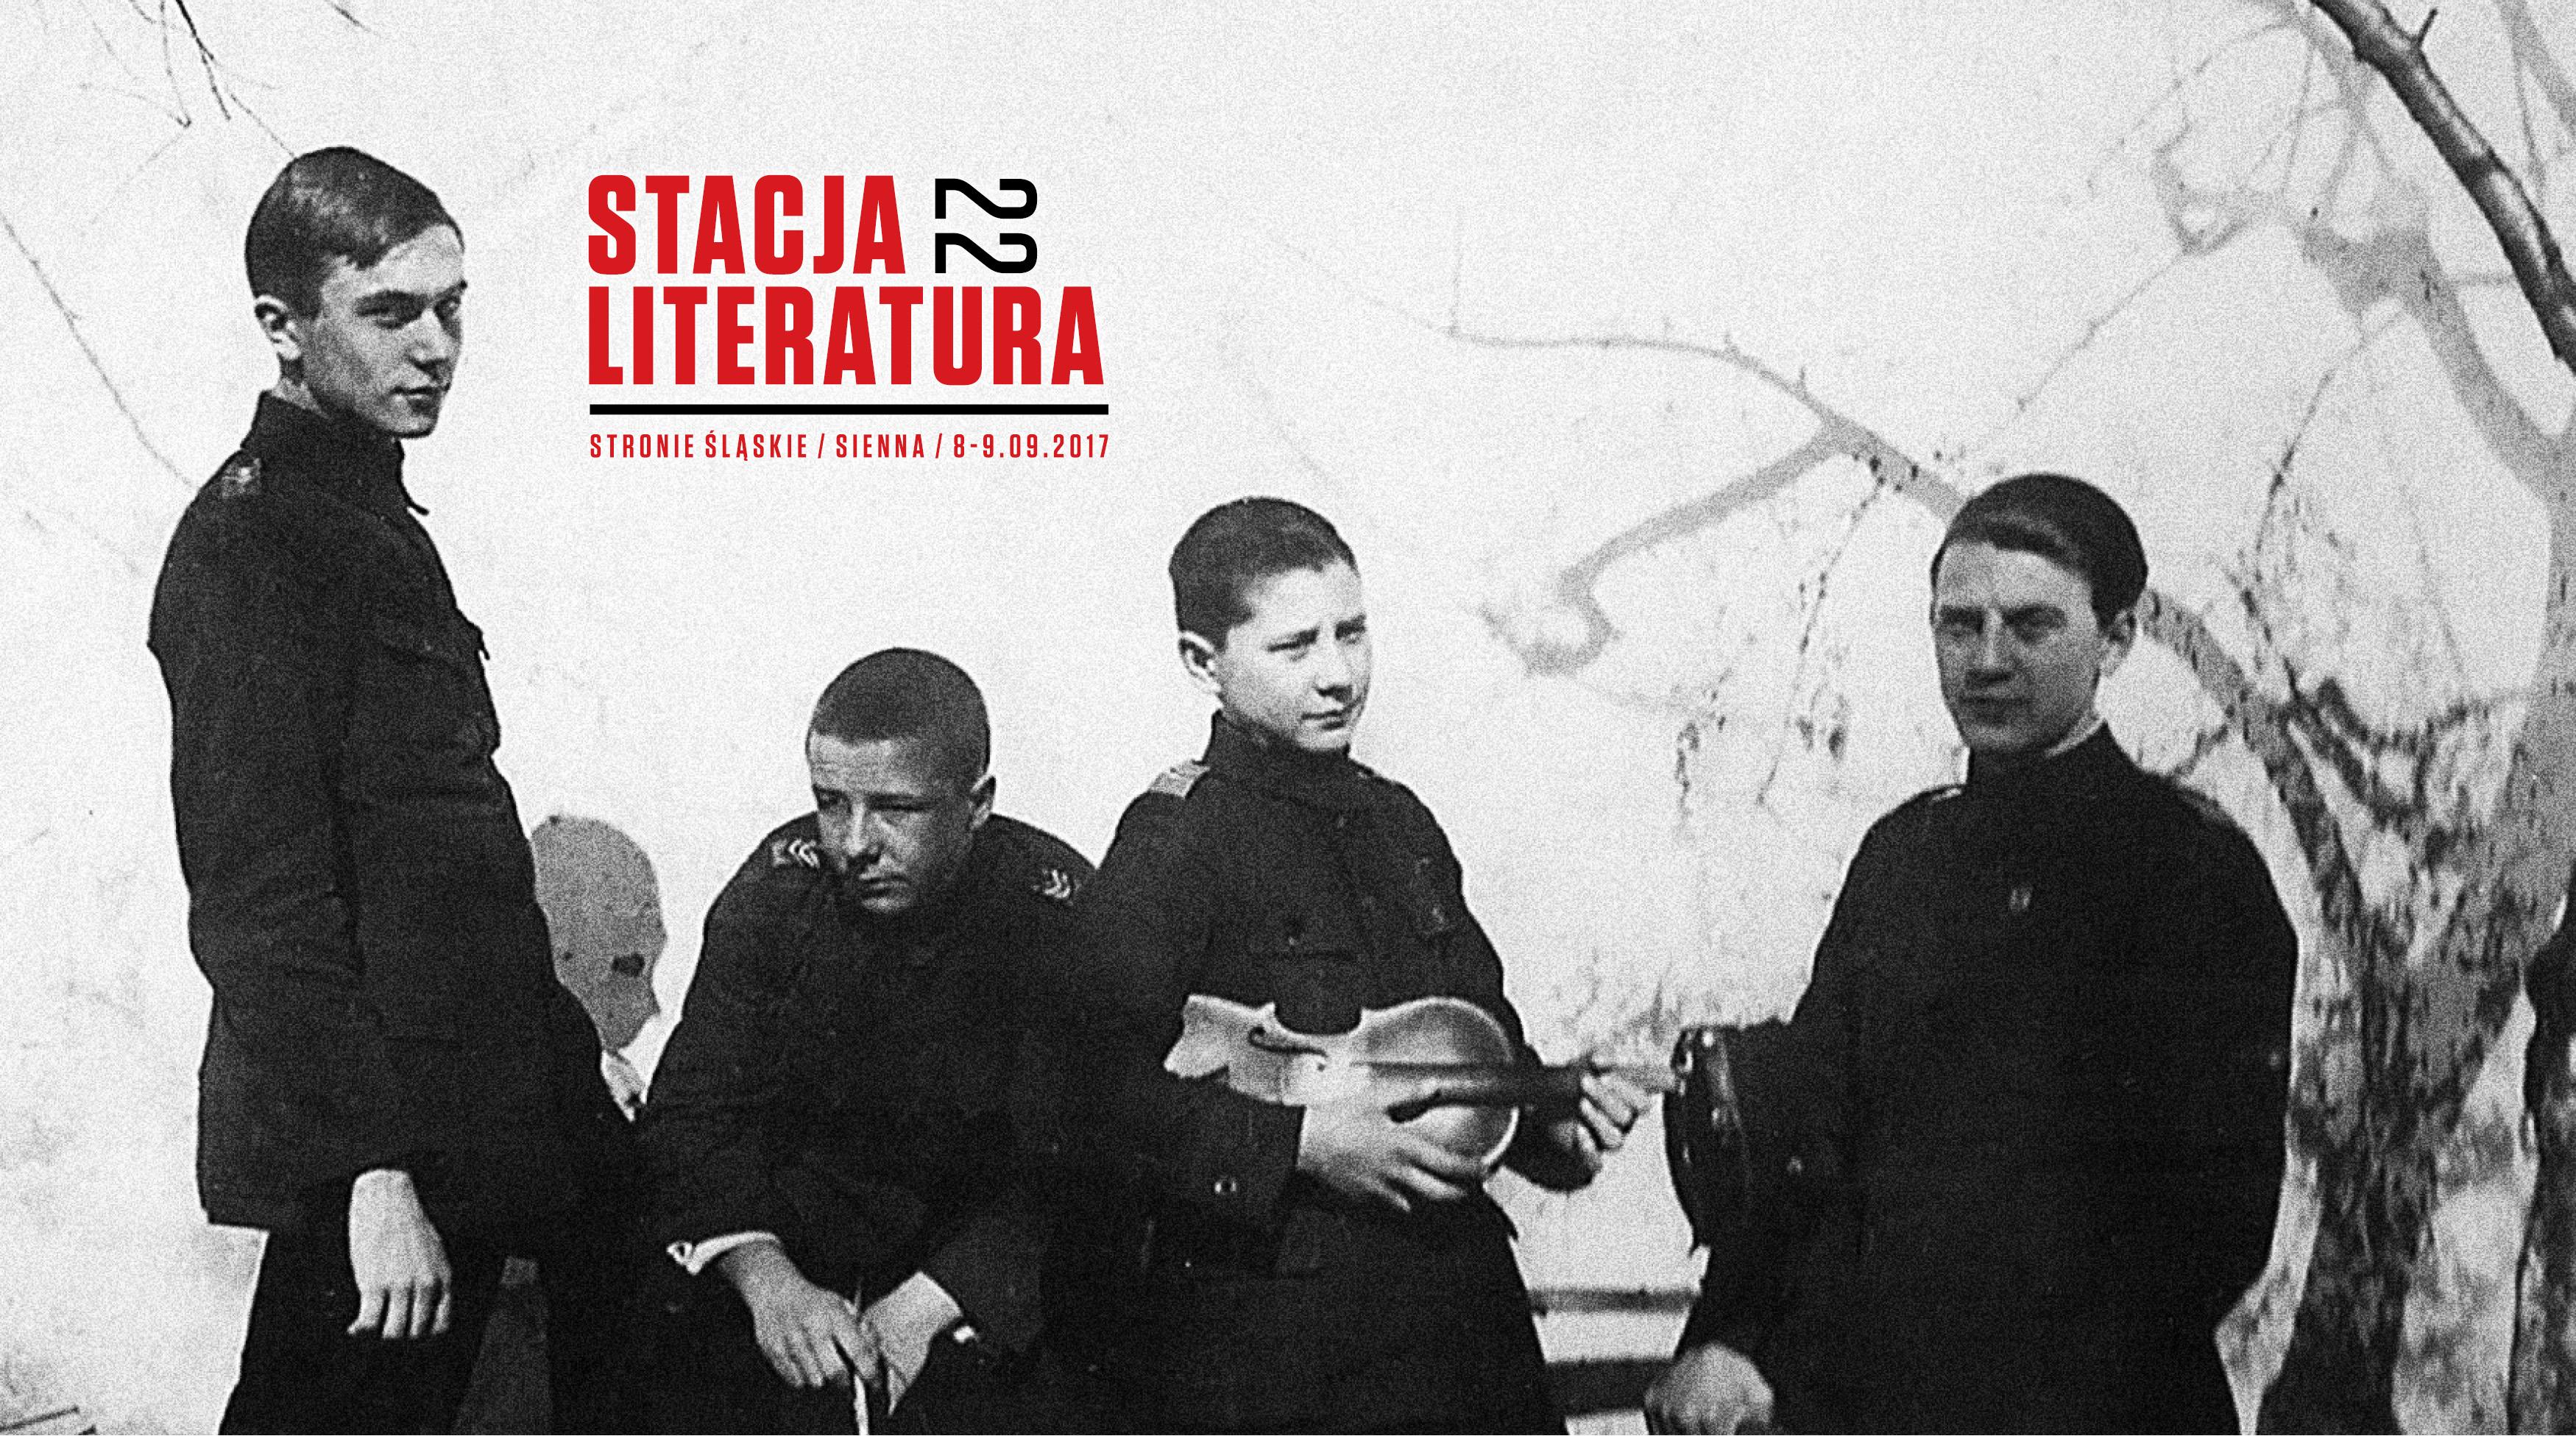 Stacja_Literatura_GRAFIKI__2017.07.12 Muzyka słowa__biuletyn_www